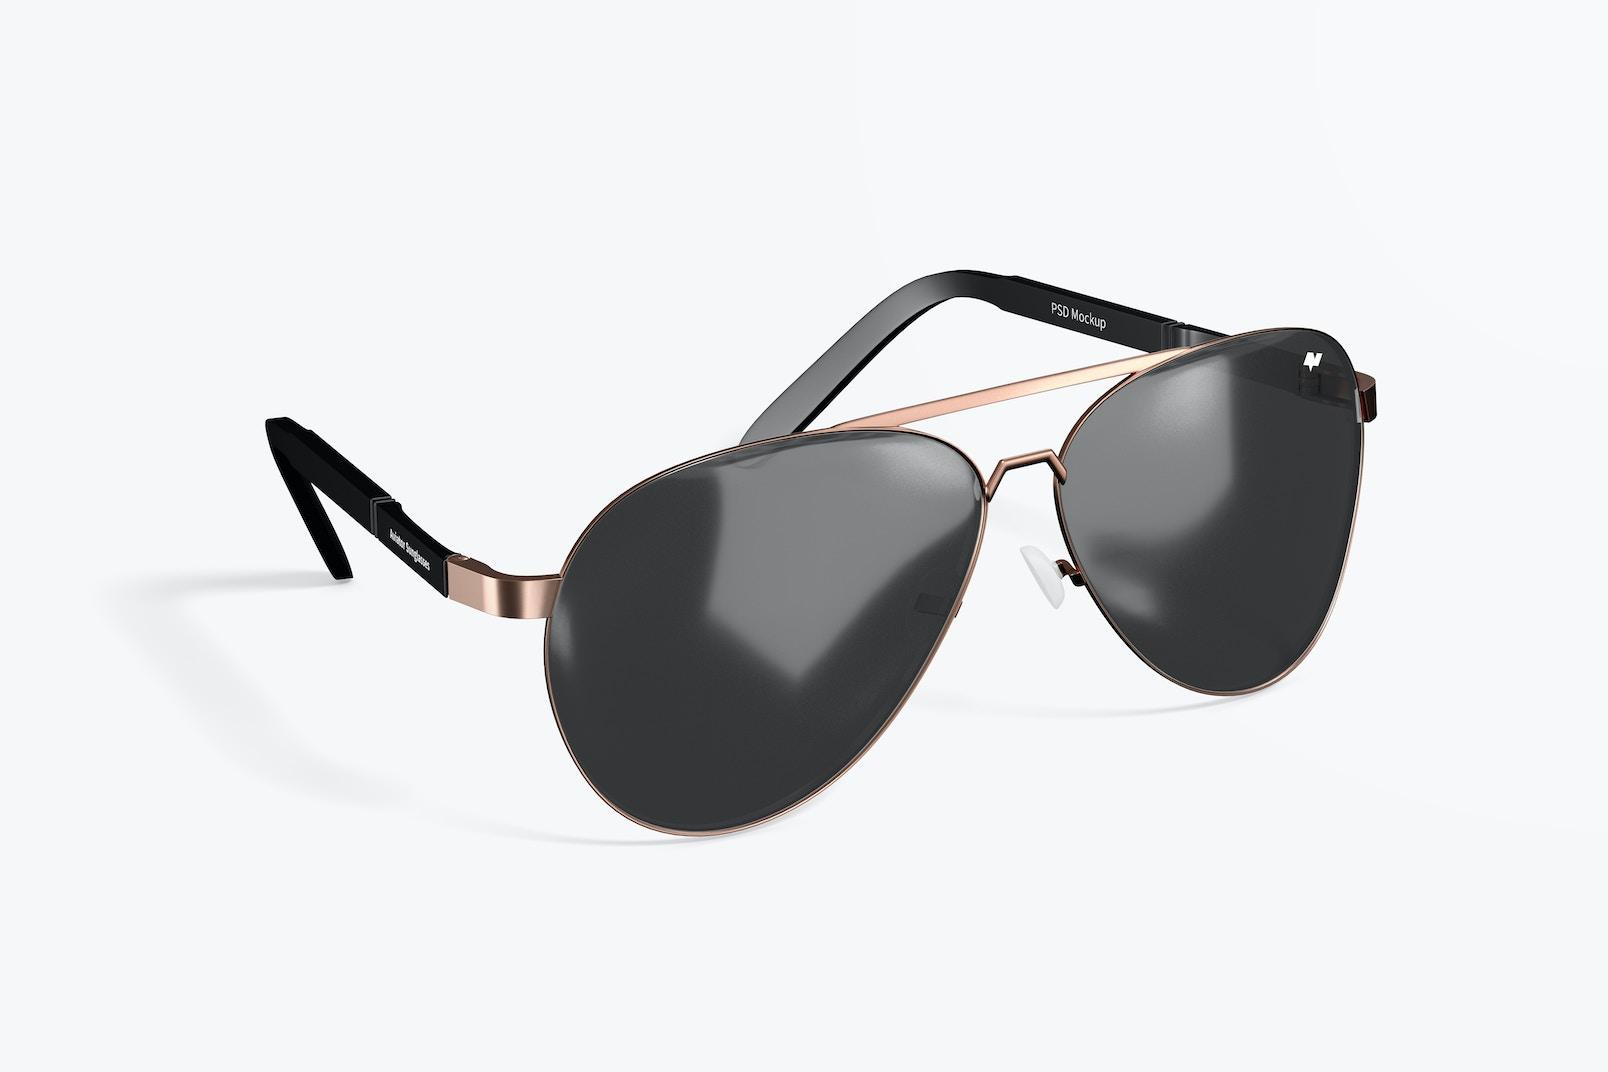 Aviator Sunglasses Mockup